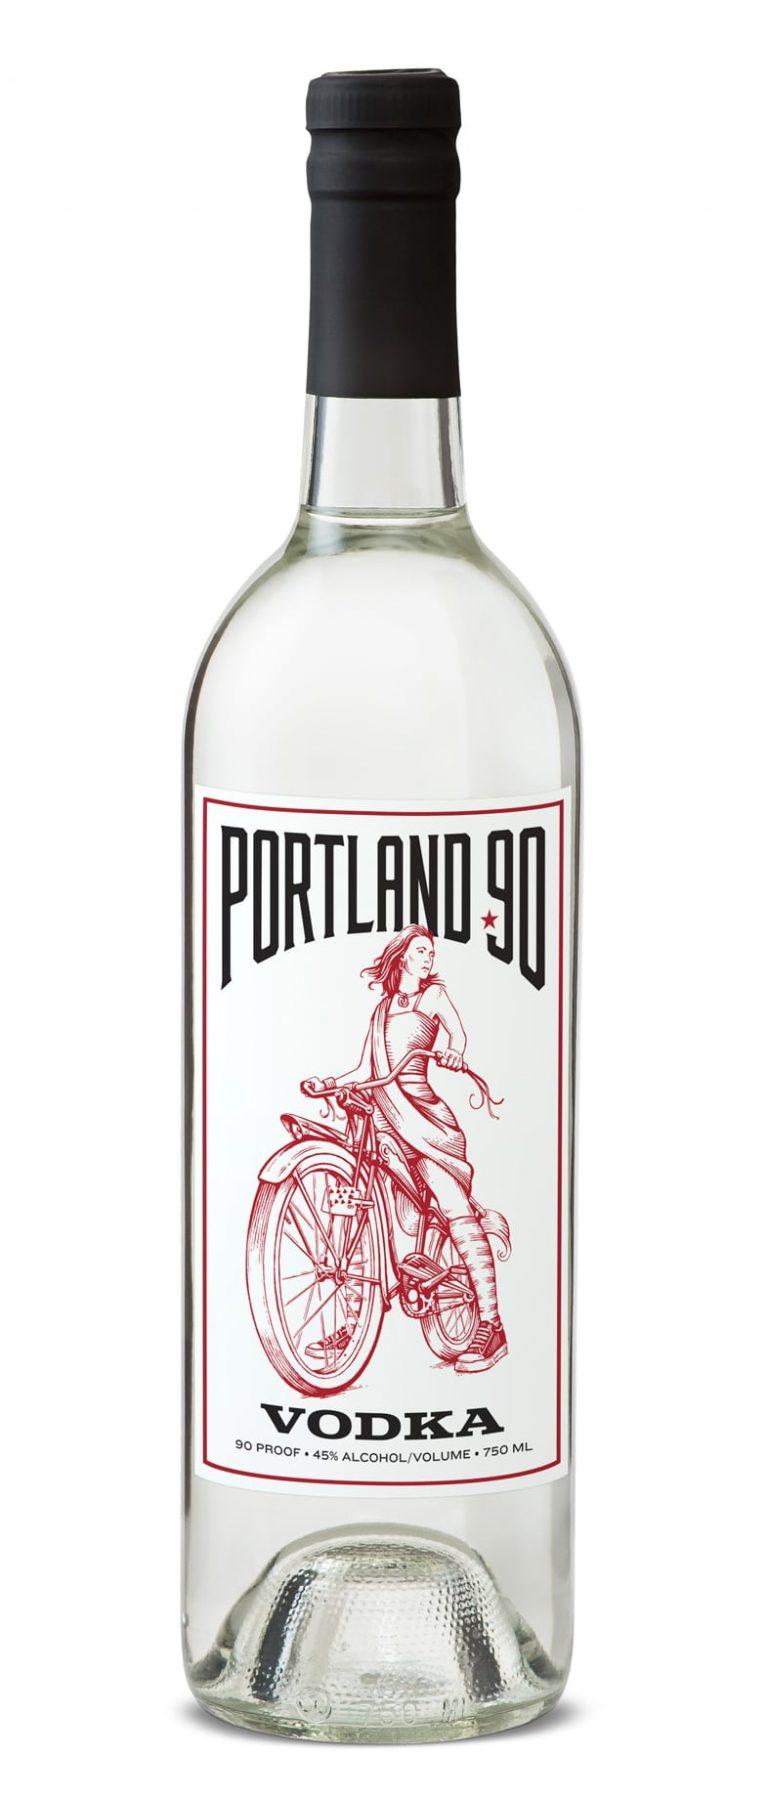 New Deal Portland 90 Proof Vodka